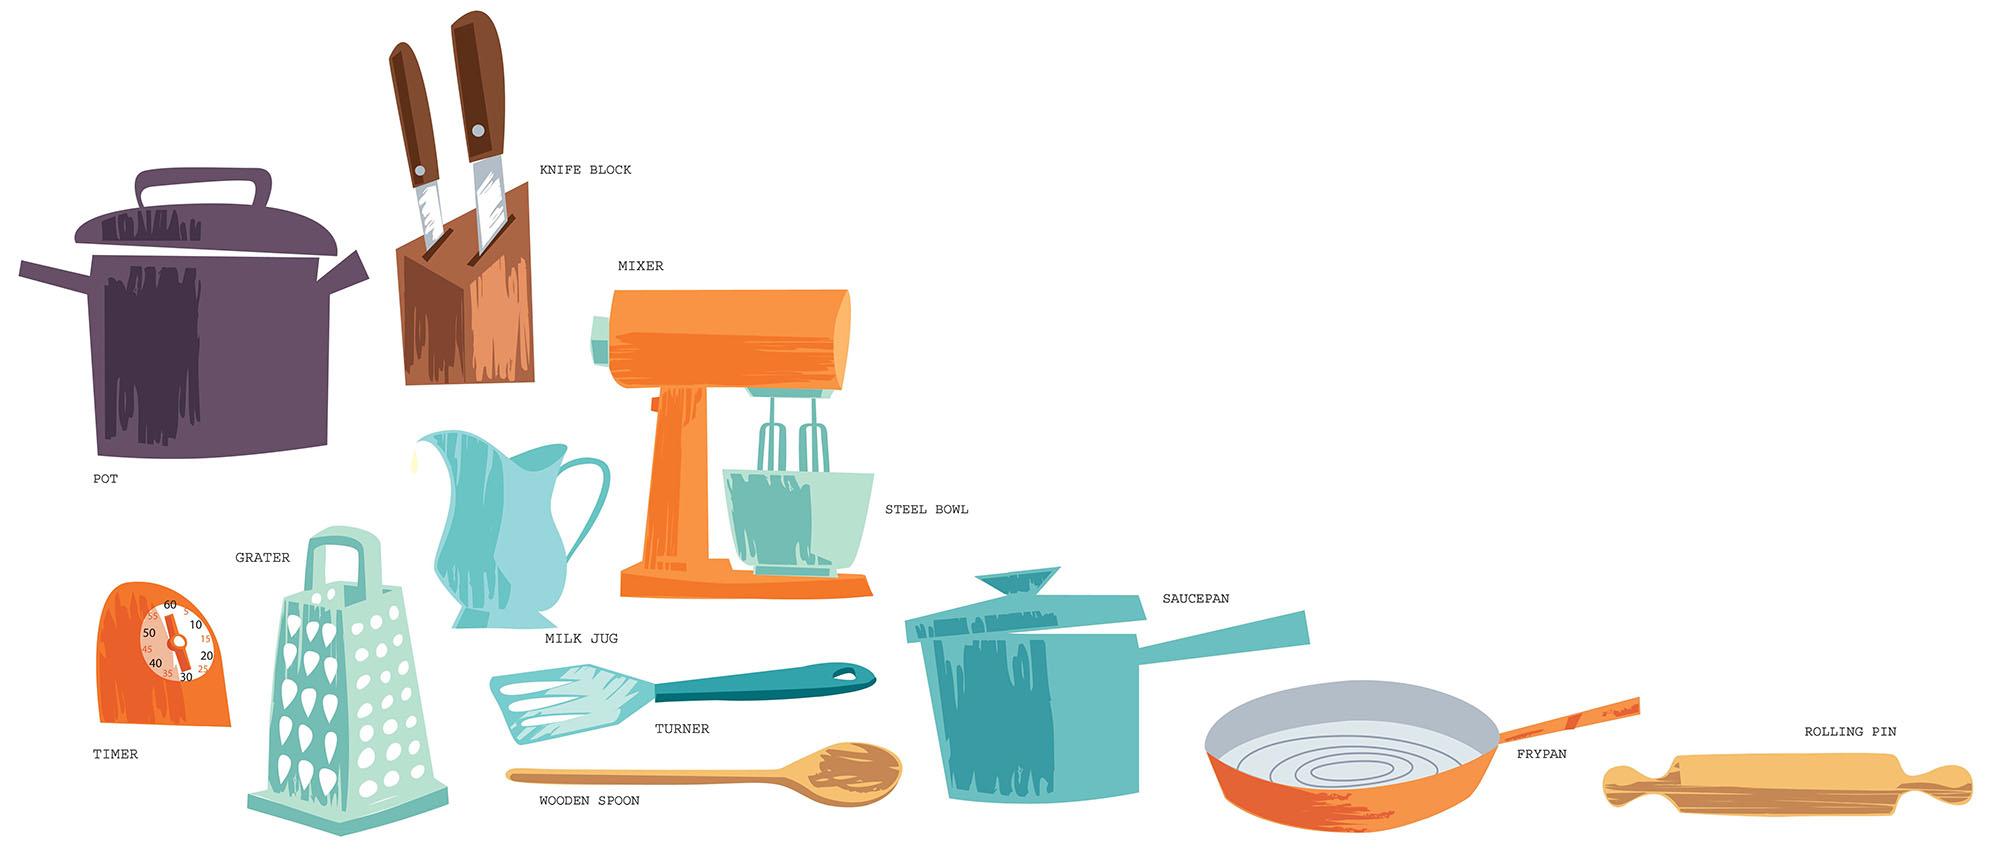 Kitchen Equipment illustrations-Dean Gorissen.jpg